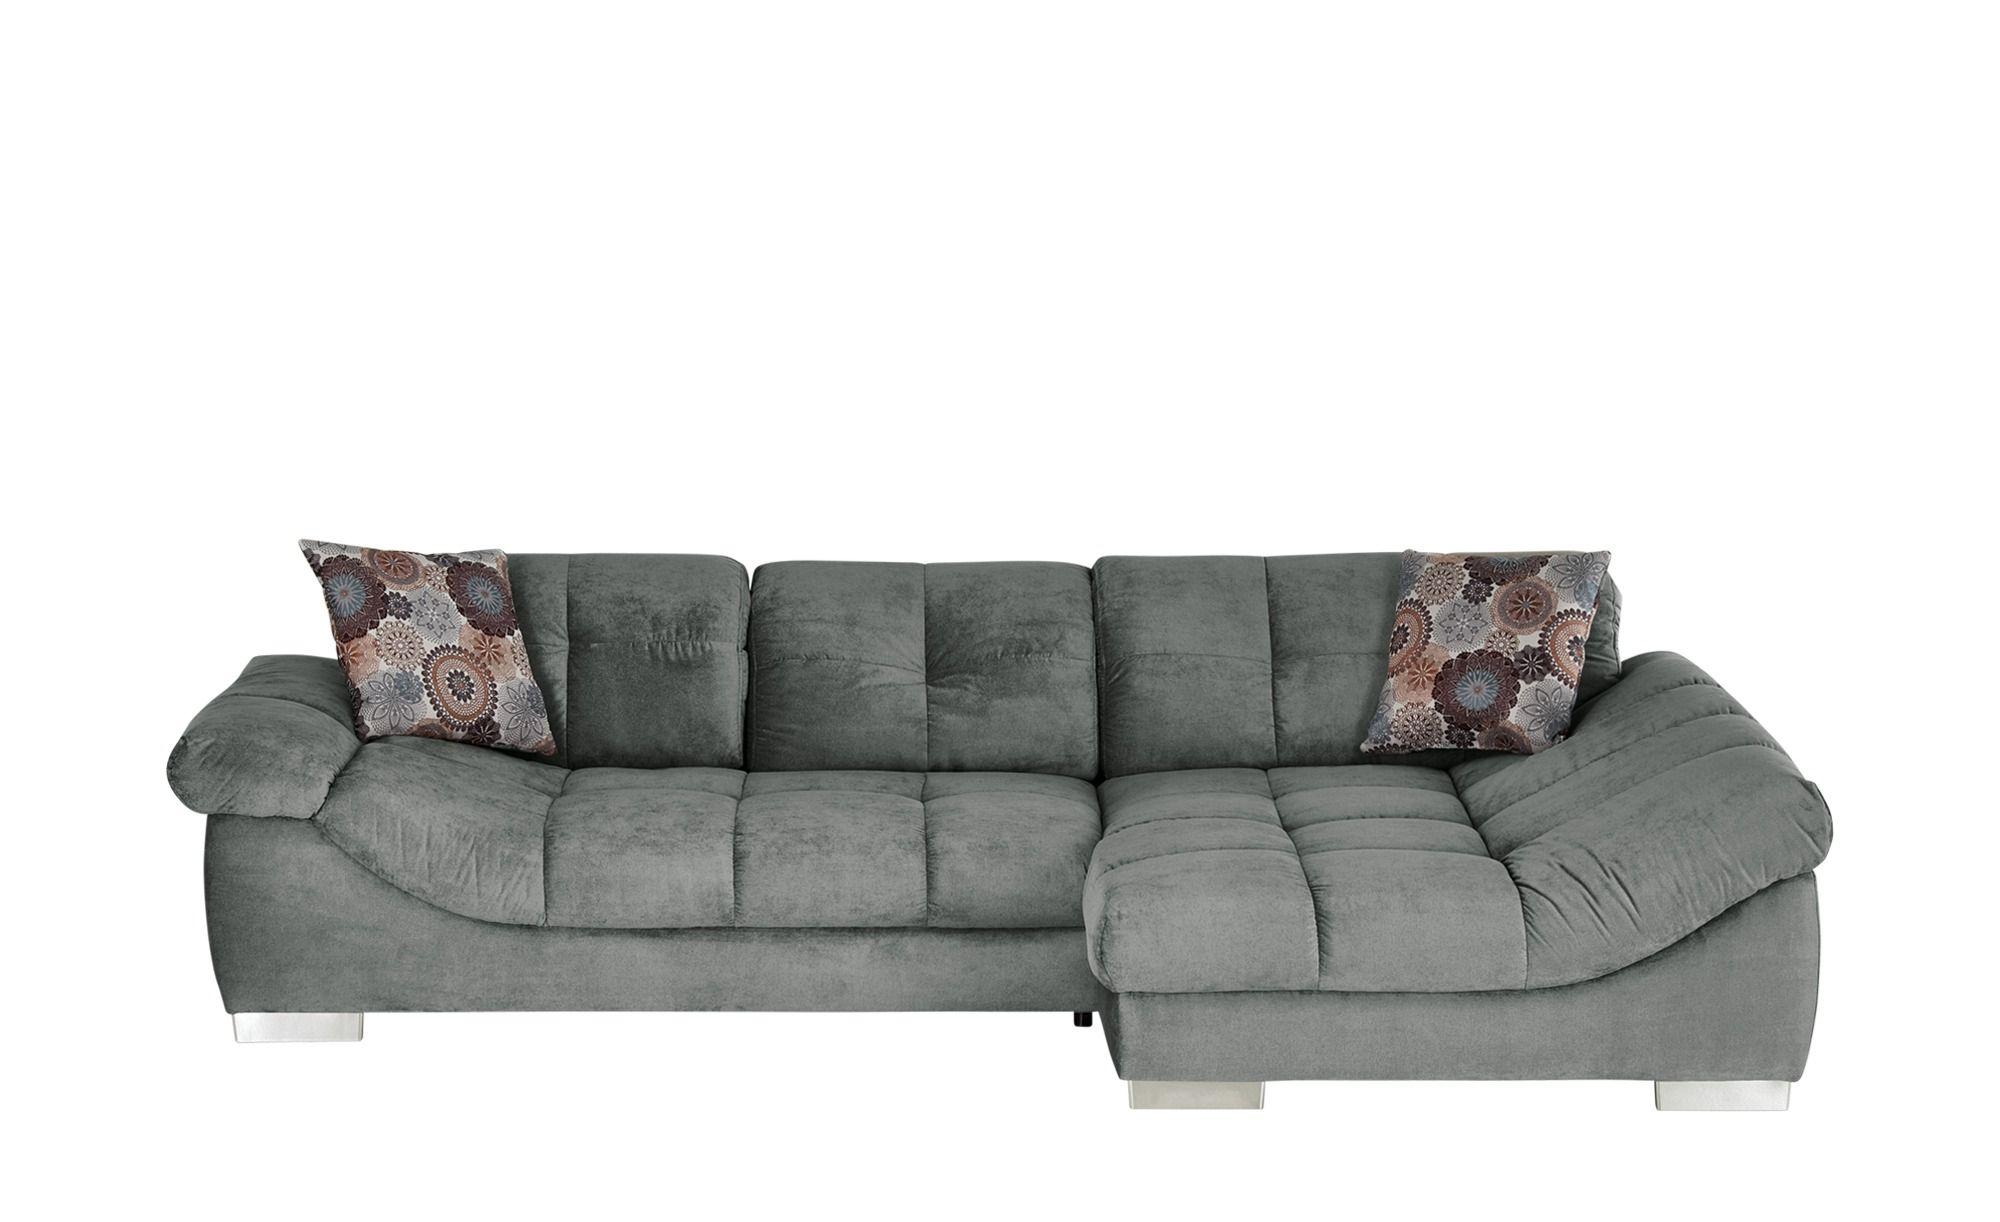 Xxl Sofa Billig Sofa Design Institute Scholarship Ecksofa Mit Schlaffunktion Braun Gunstige 2 Sitzer Sofa Mi Sofa Billig Ecksofas Sofa Mit Schlaffunktion